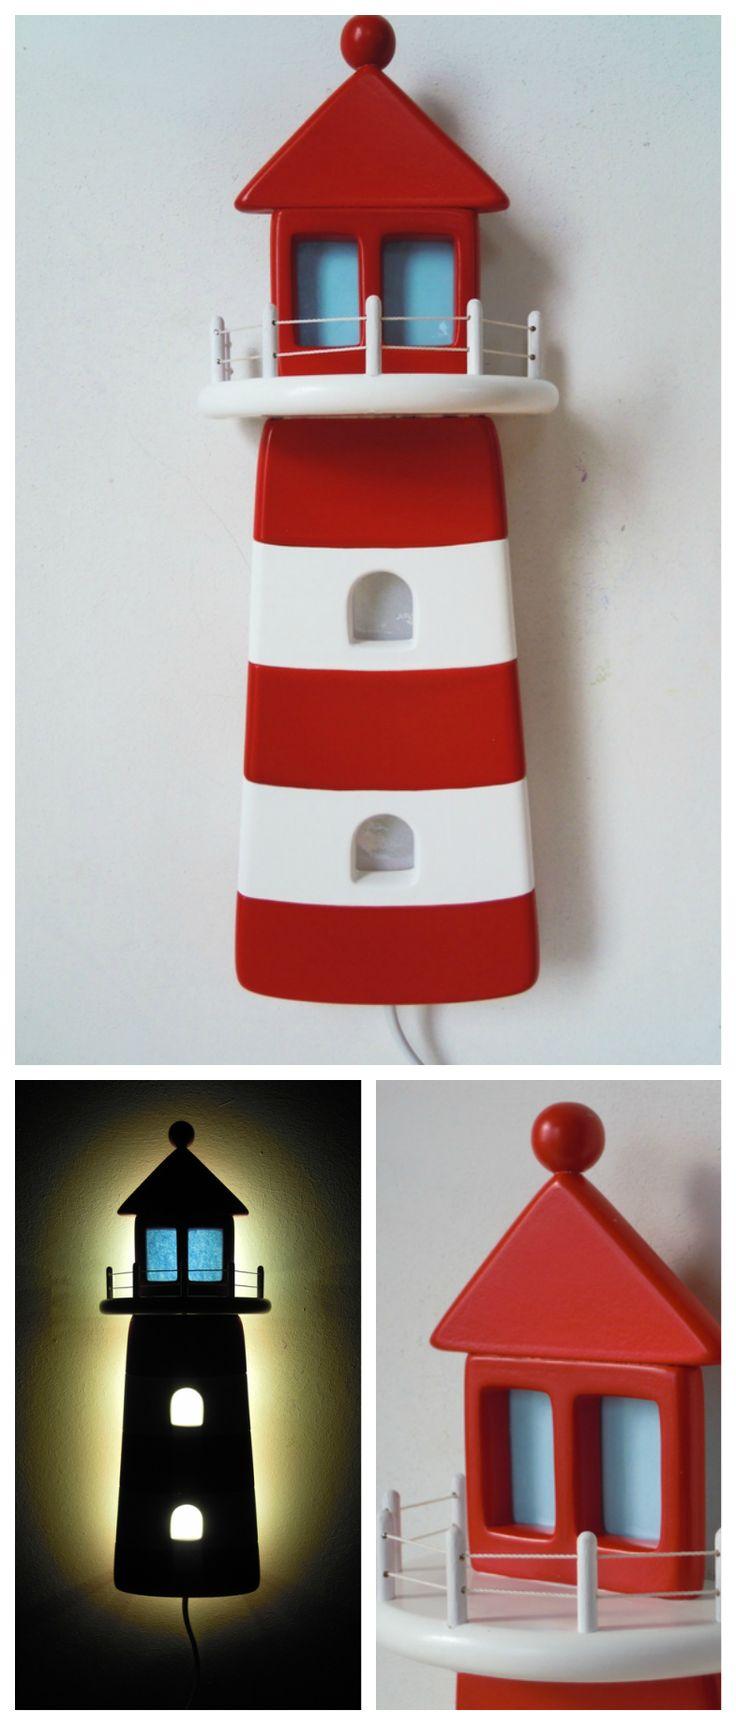 Cottage lighthouse lamp 3 colors - Schlummerleuchte Im Leuchtturm Design Lighthouse Lampteenagernight